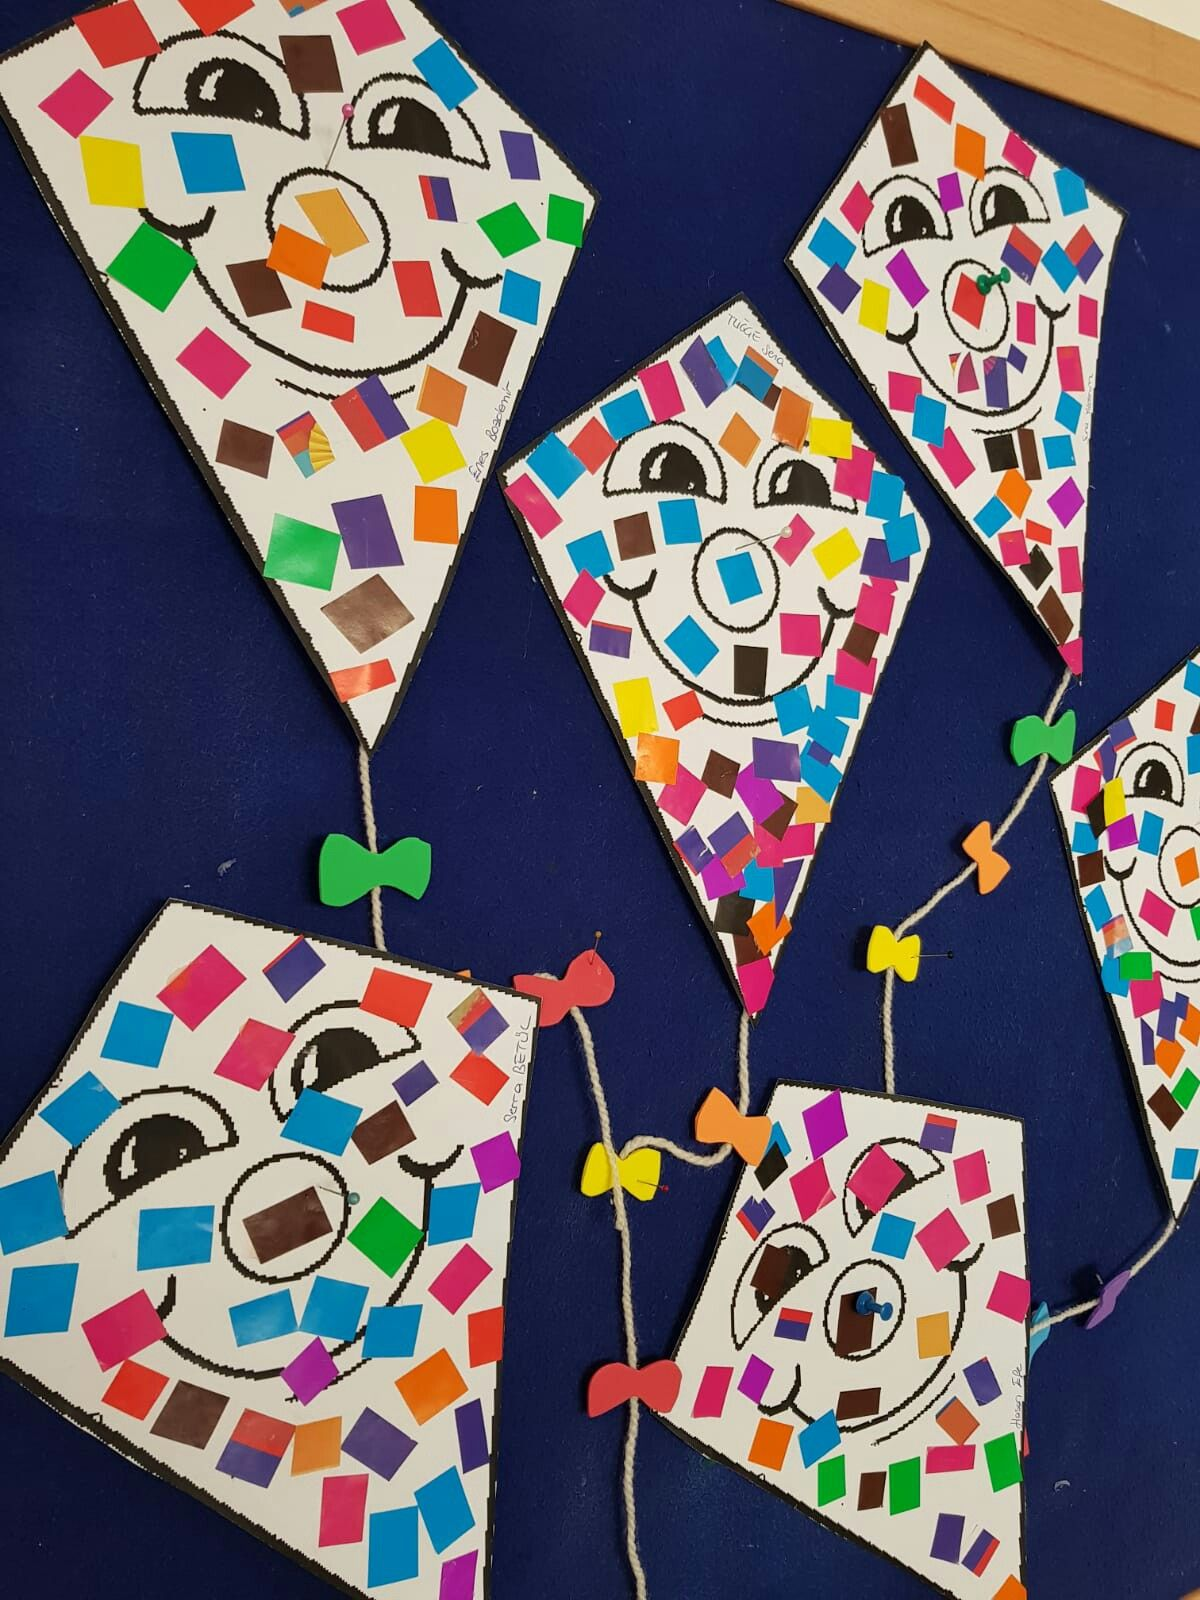 okul oncesi ucurtma sanat etkinligi